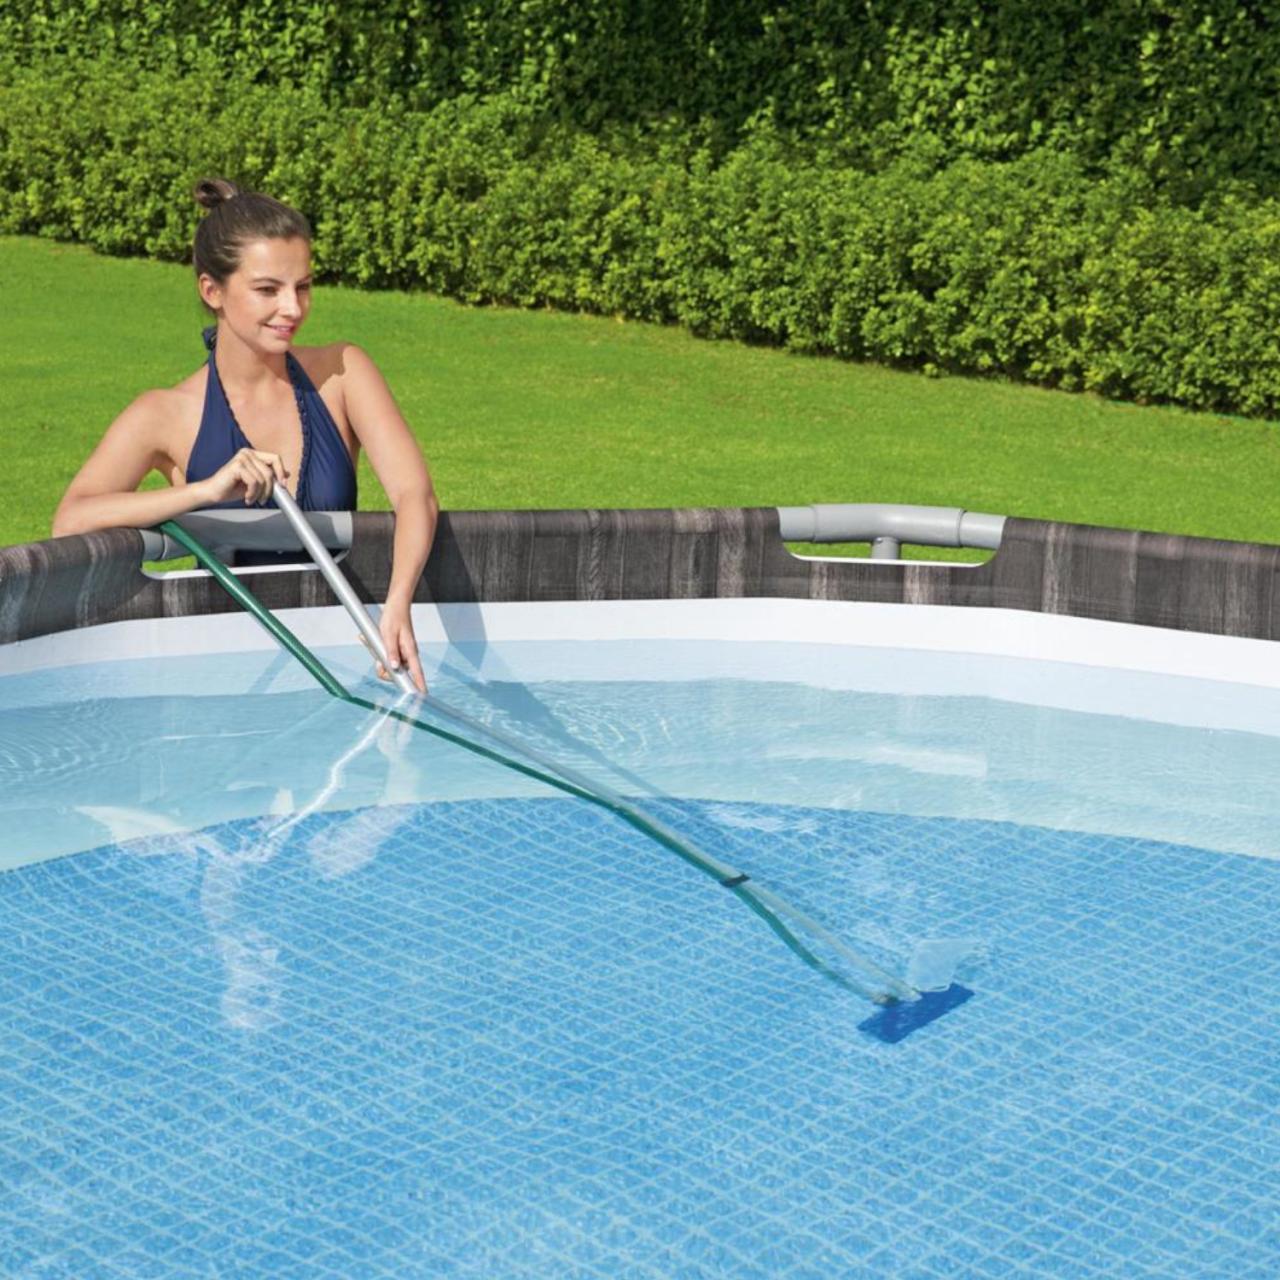 Bestway Flowclear Reinigungsset Bodenreiniger Kescher Sauger Poolpflege 58013